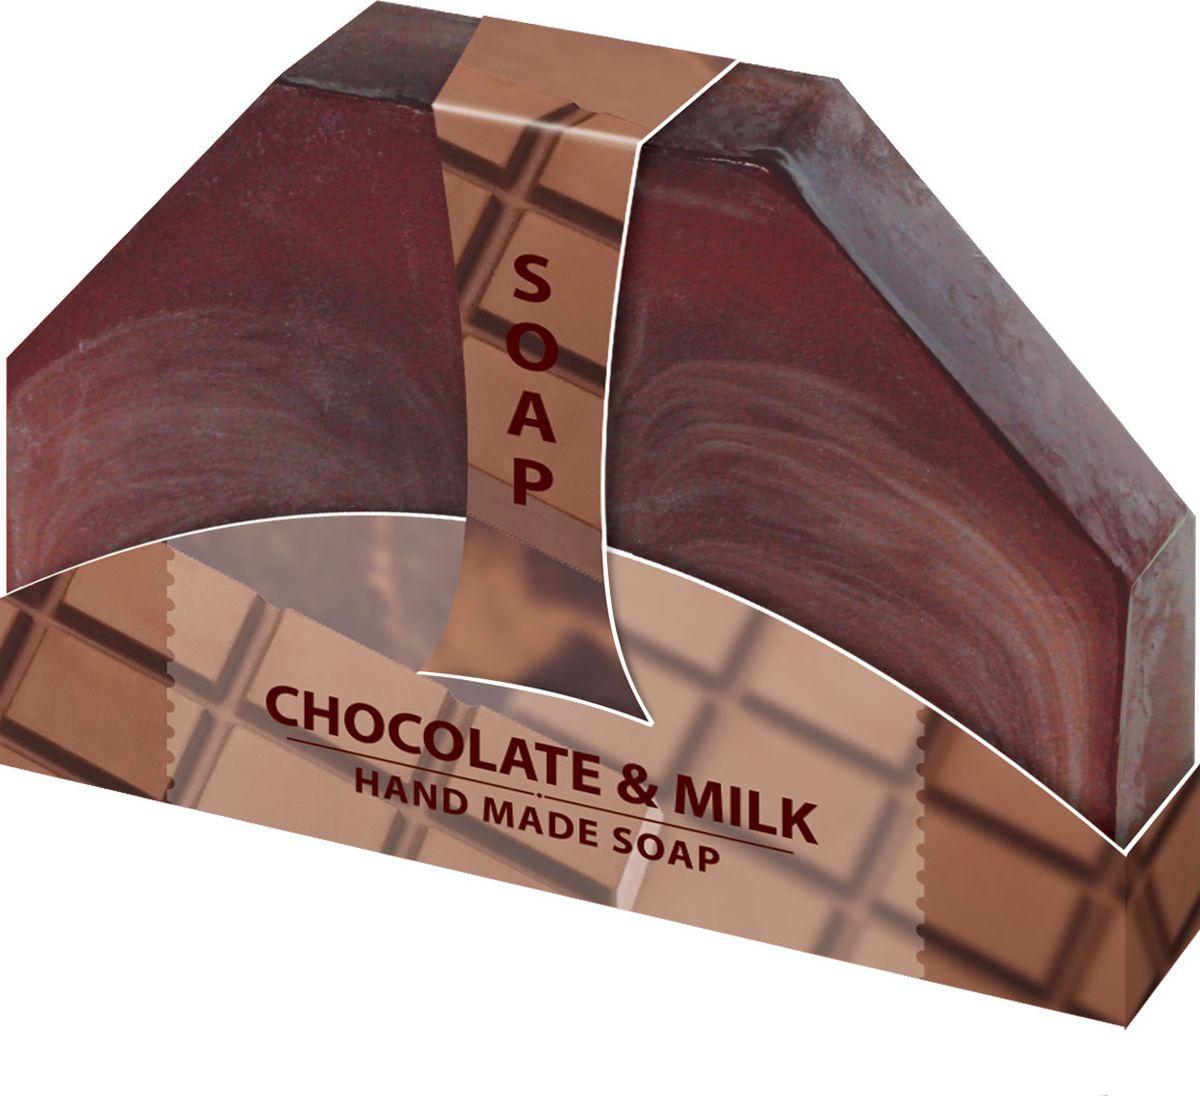 Мыло ручной работы Шоколадное молоко Hand made spa collection, 80 гFS-00897Мыло из нежного природного пальмового масла, с натуральным экстрактом Розмарина, молоком и шоколадным ароматом. Мыло, которое помогает максимально открыть поры кожи, позволяя очистить их от загрязнений. Делает кожу приятной на ощупь.